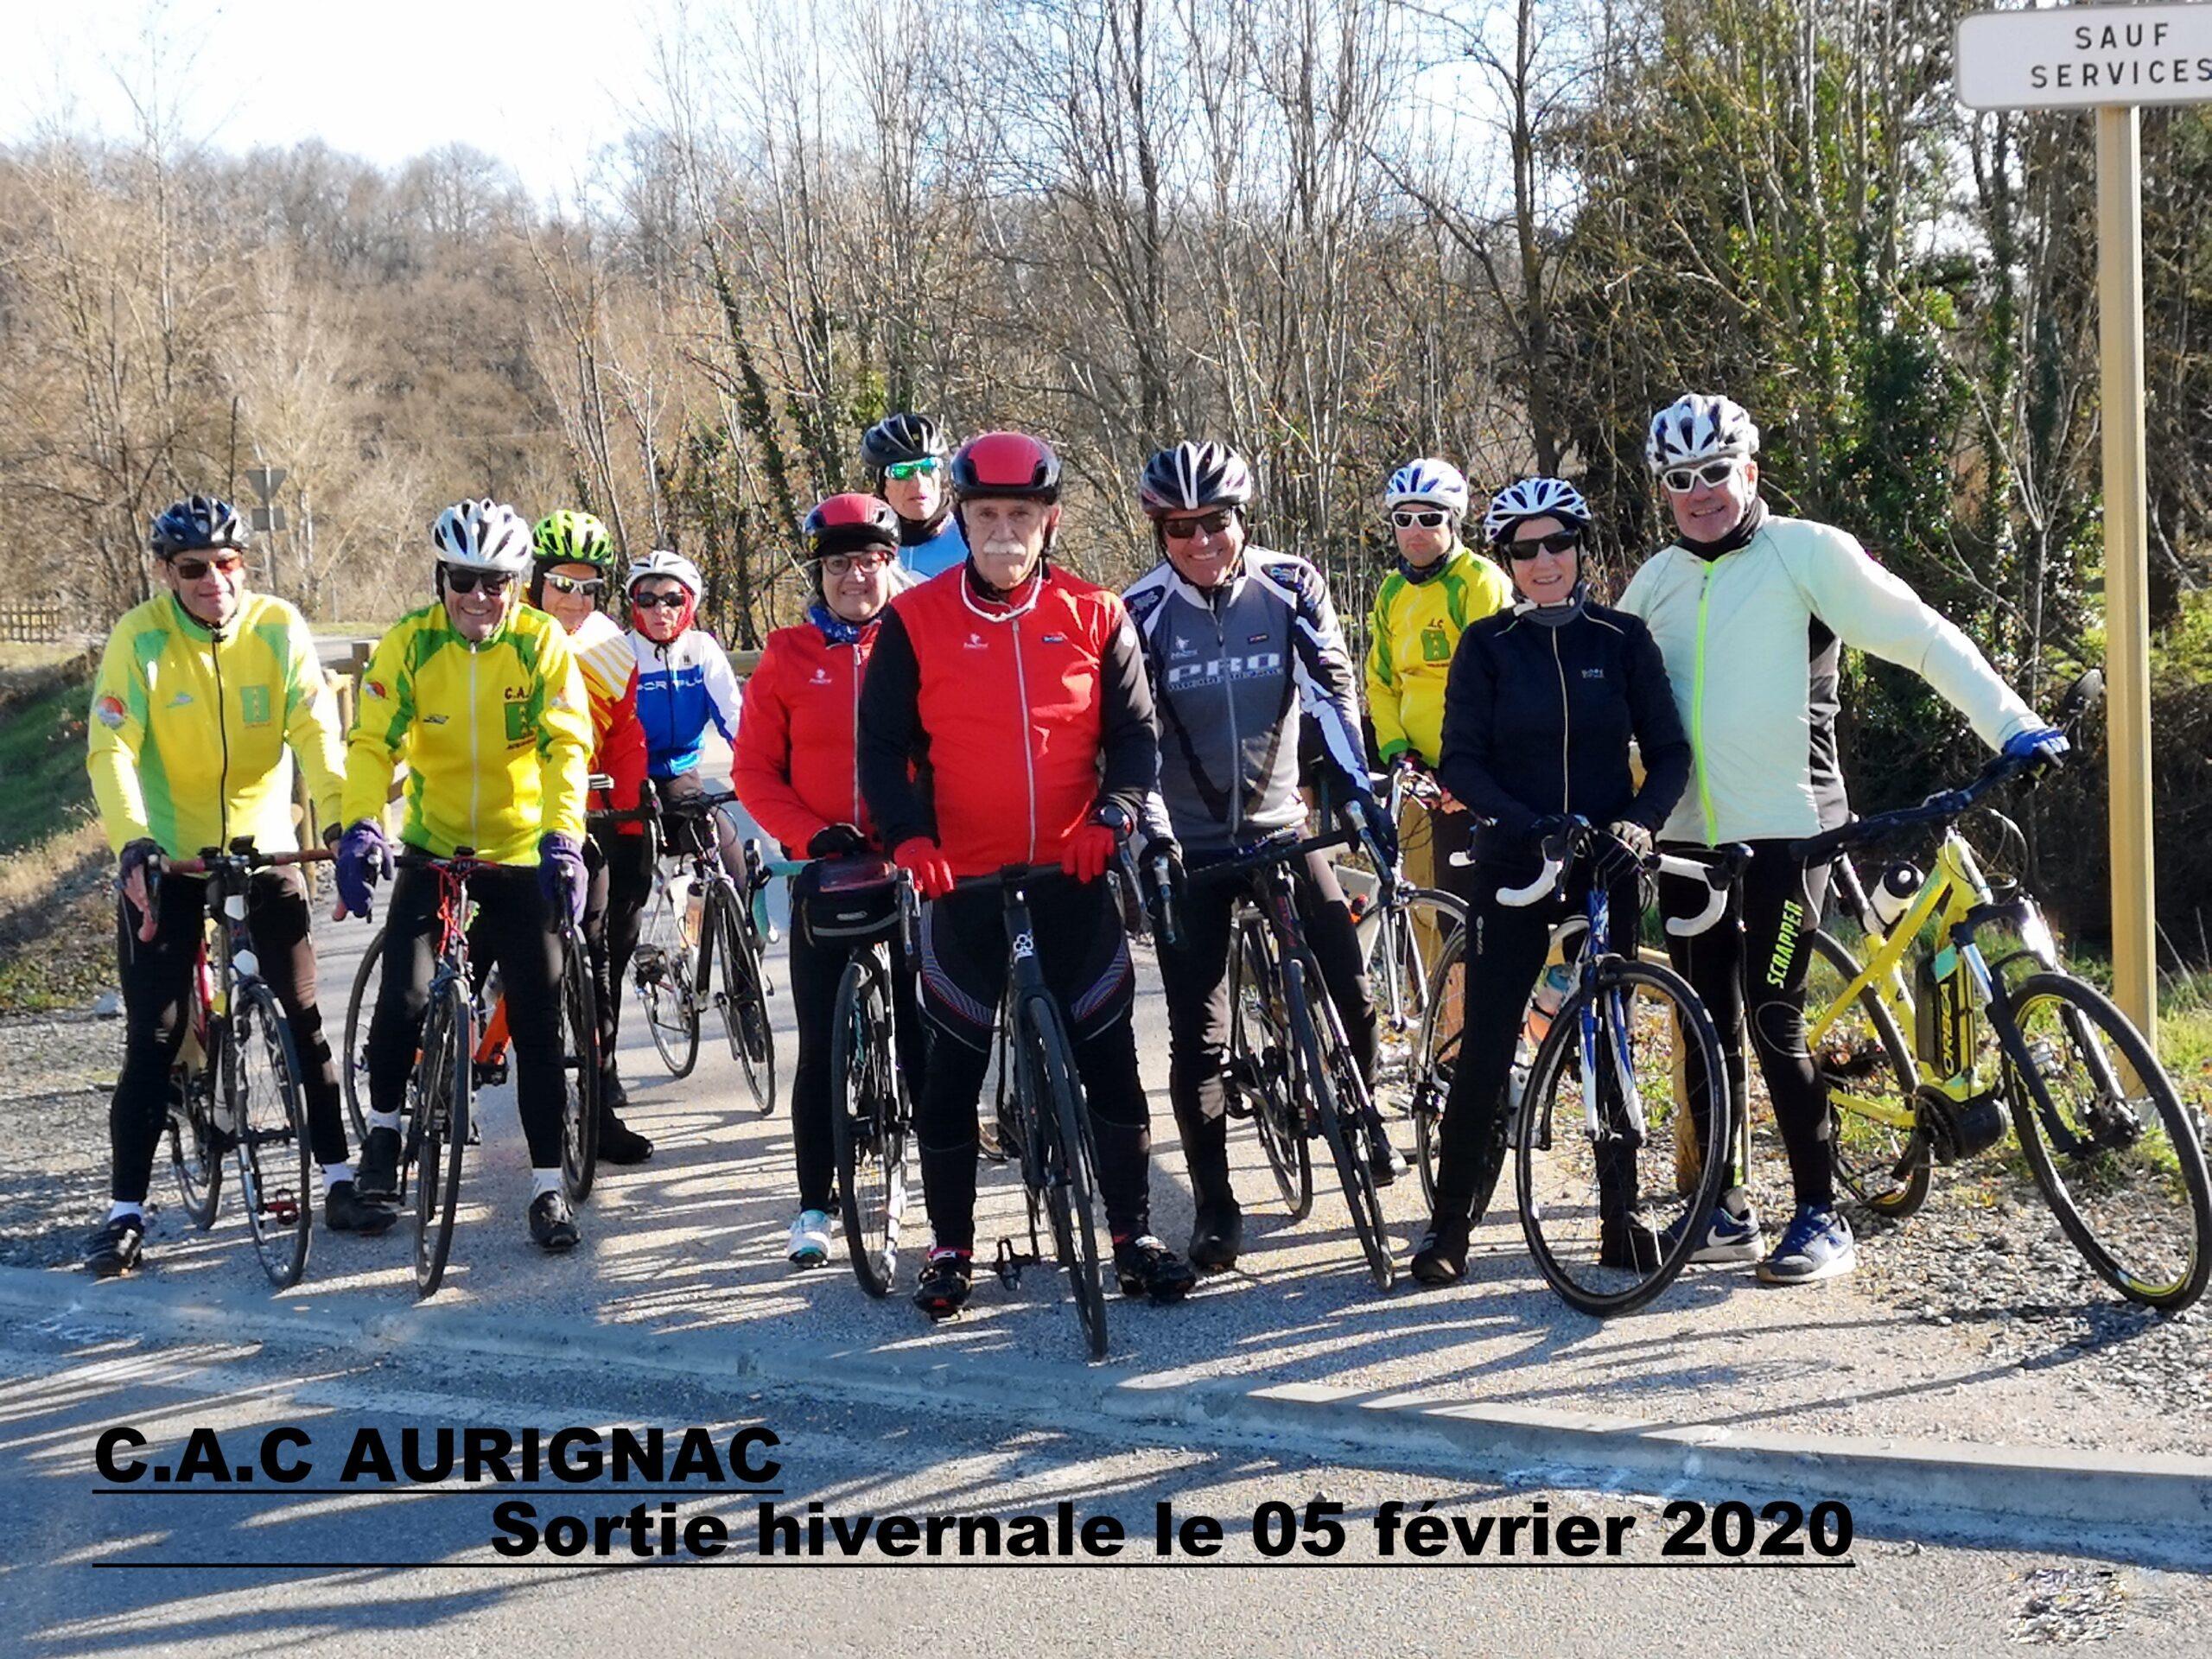 Cyclo Club d'Aurignac